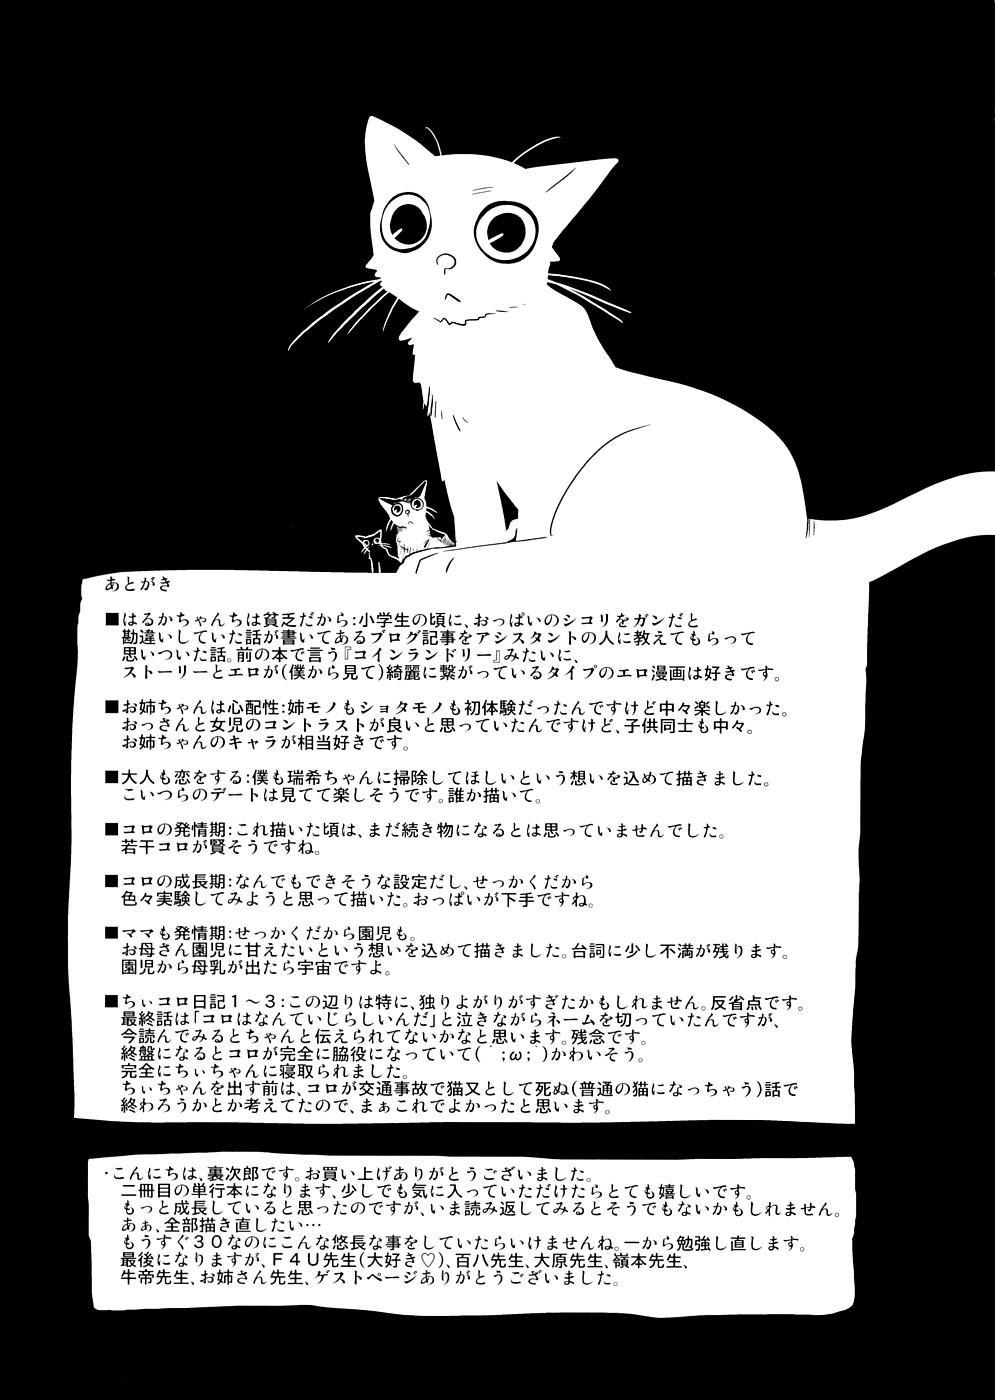 Chiisana Koigokoro 213